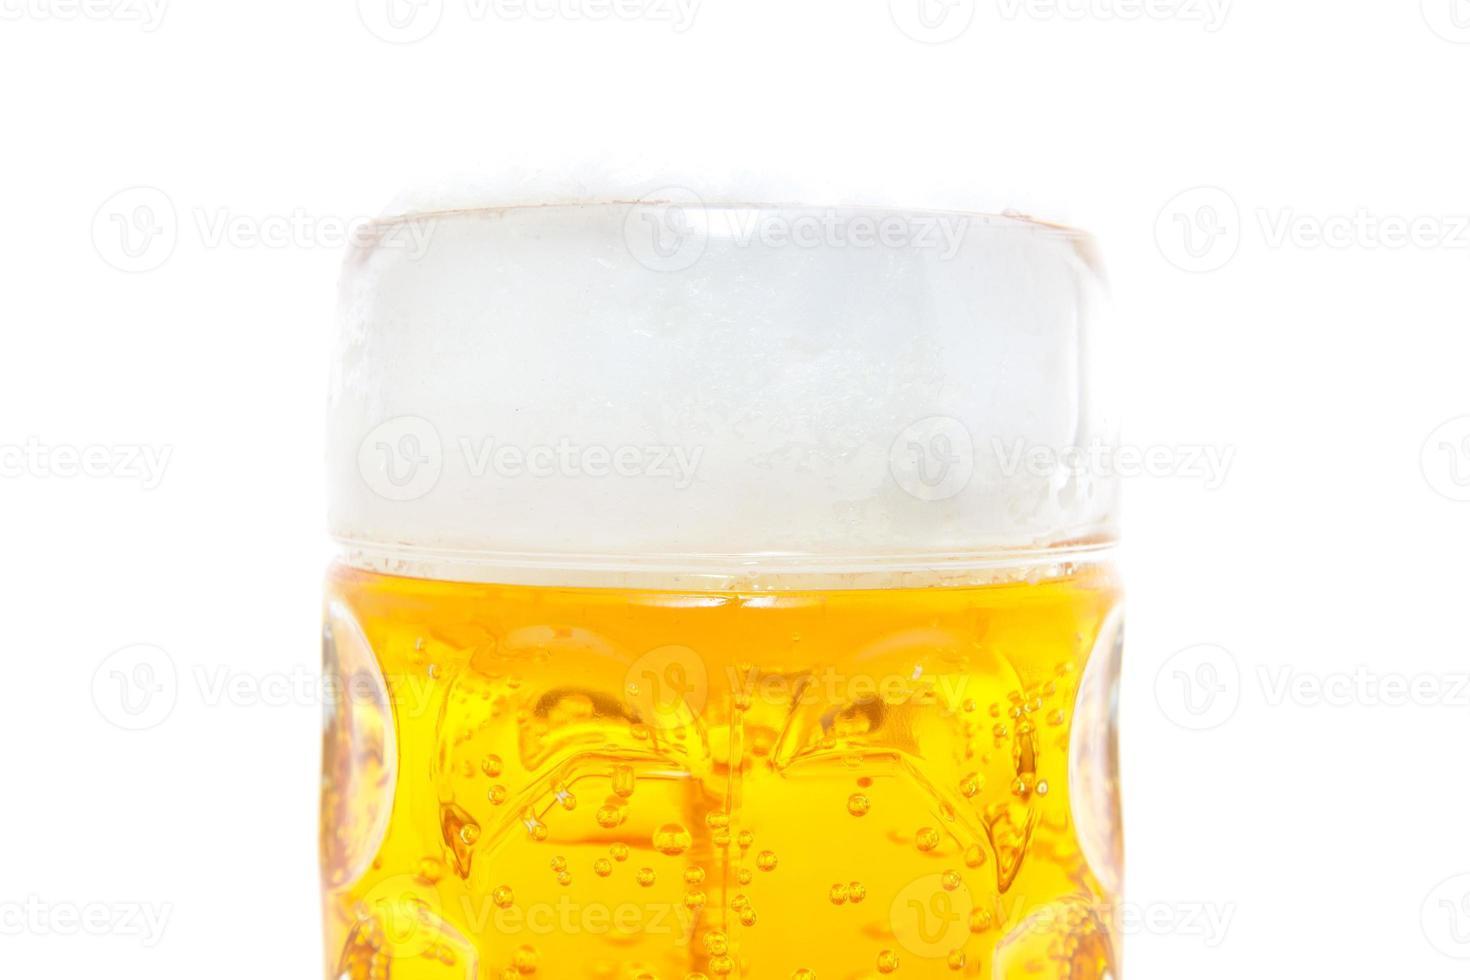 tipico boccale di birra bavarese foto